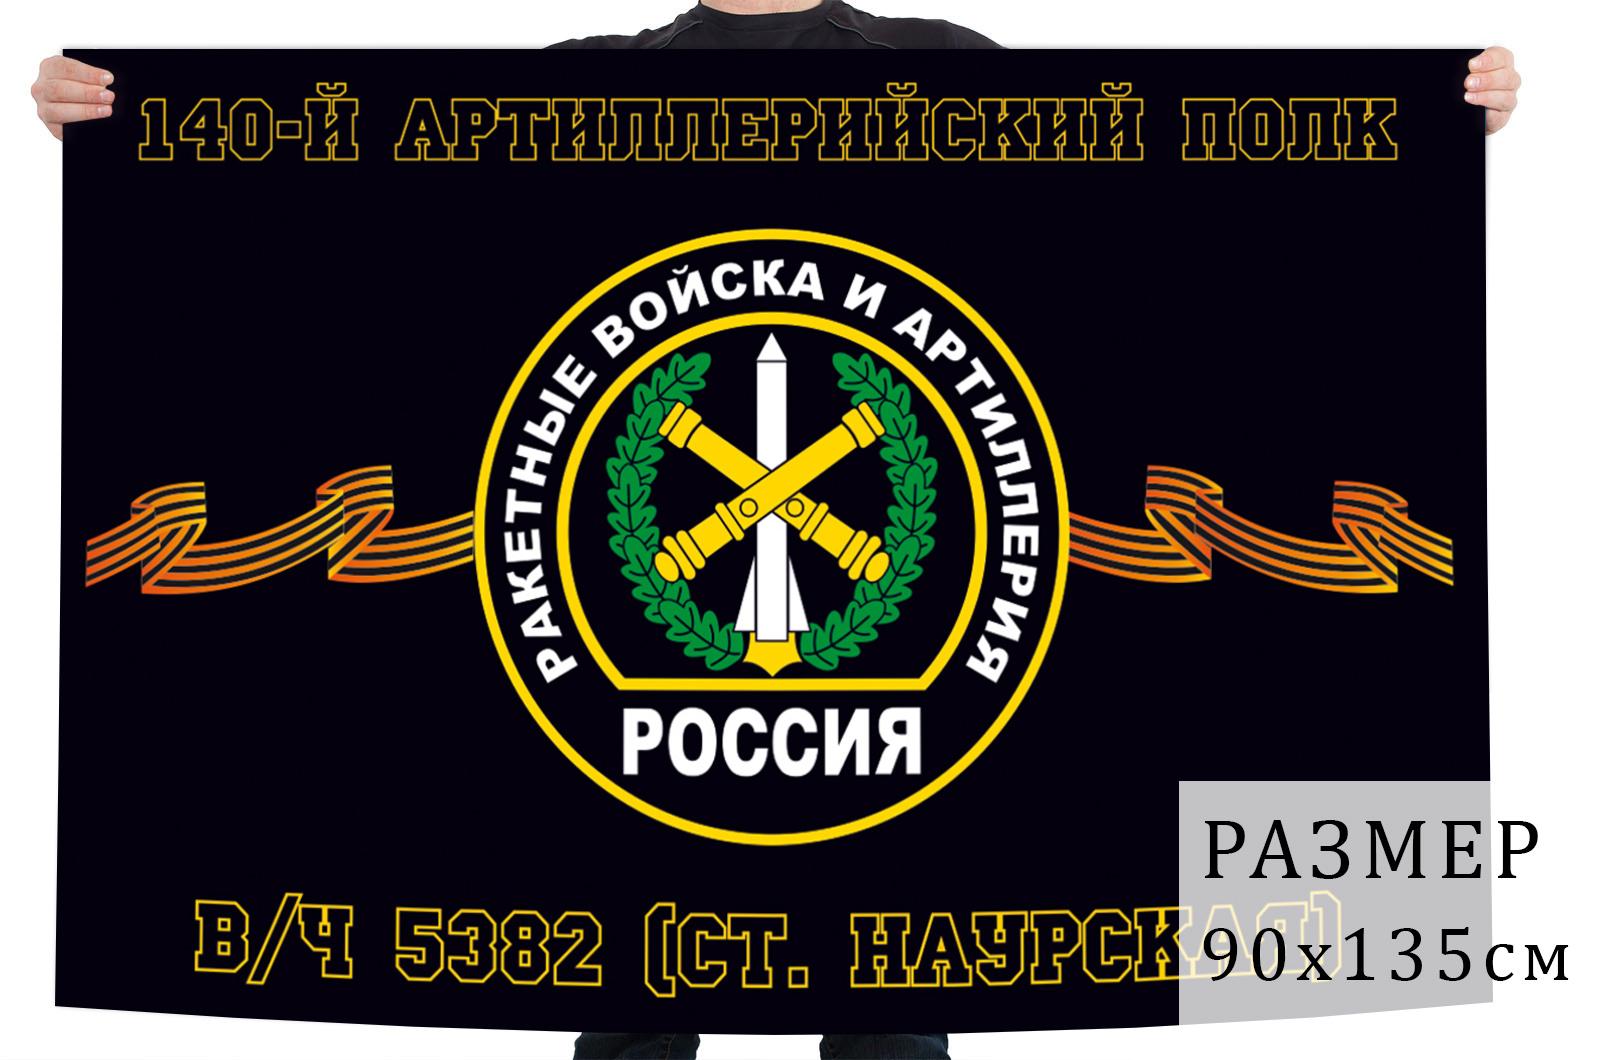 Флаг РВиА 140 артиллерийского полка